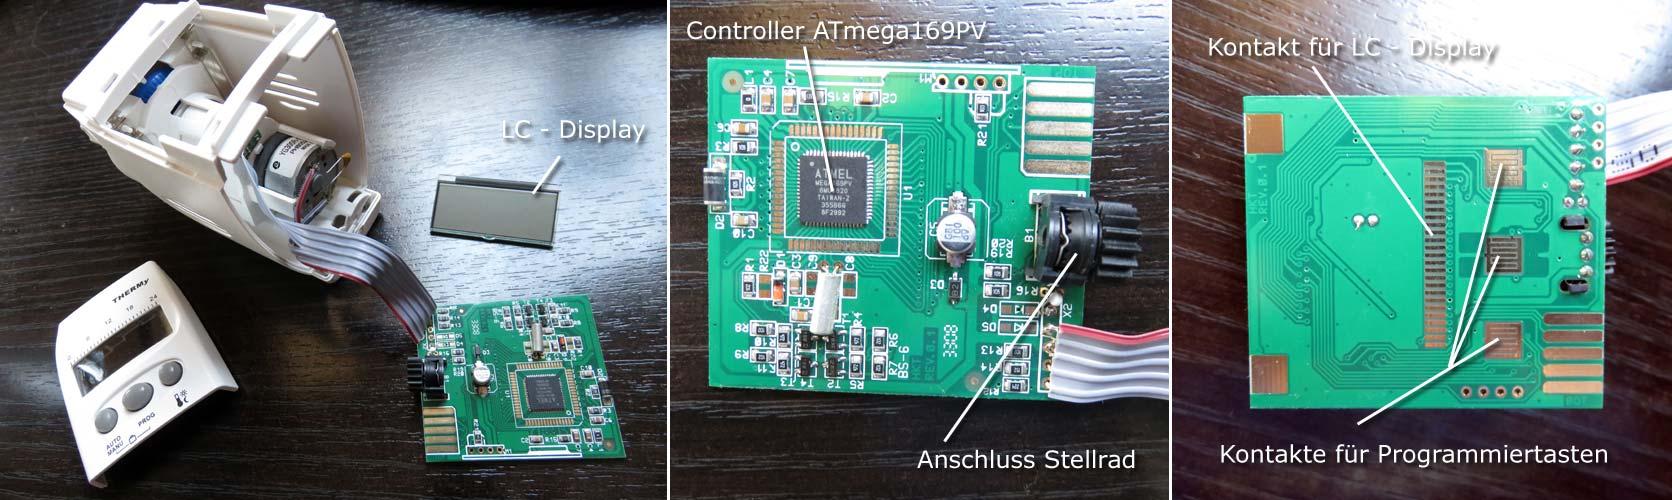 Bauteile elektronisches Thermostat - Bild 1: elektronisches Thermostat; Bild 2: Vorderseite Platine mit ATmega169PV Controller und Anschluss für Stellrad; Bild 3: Rückseite Platine mit Anschlüssen für LC-Display und Programmiertasten